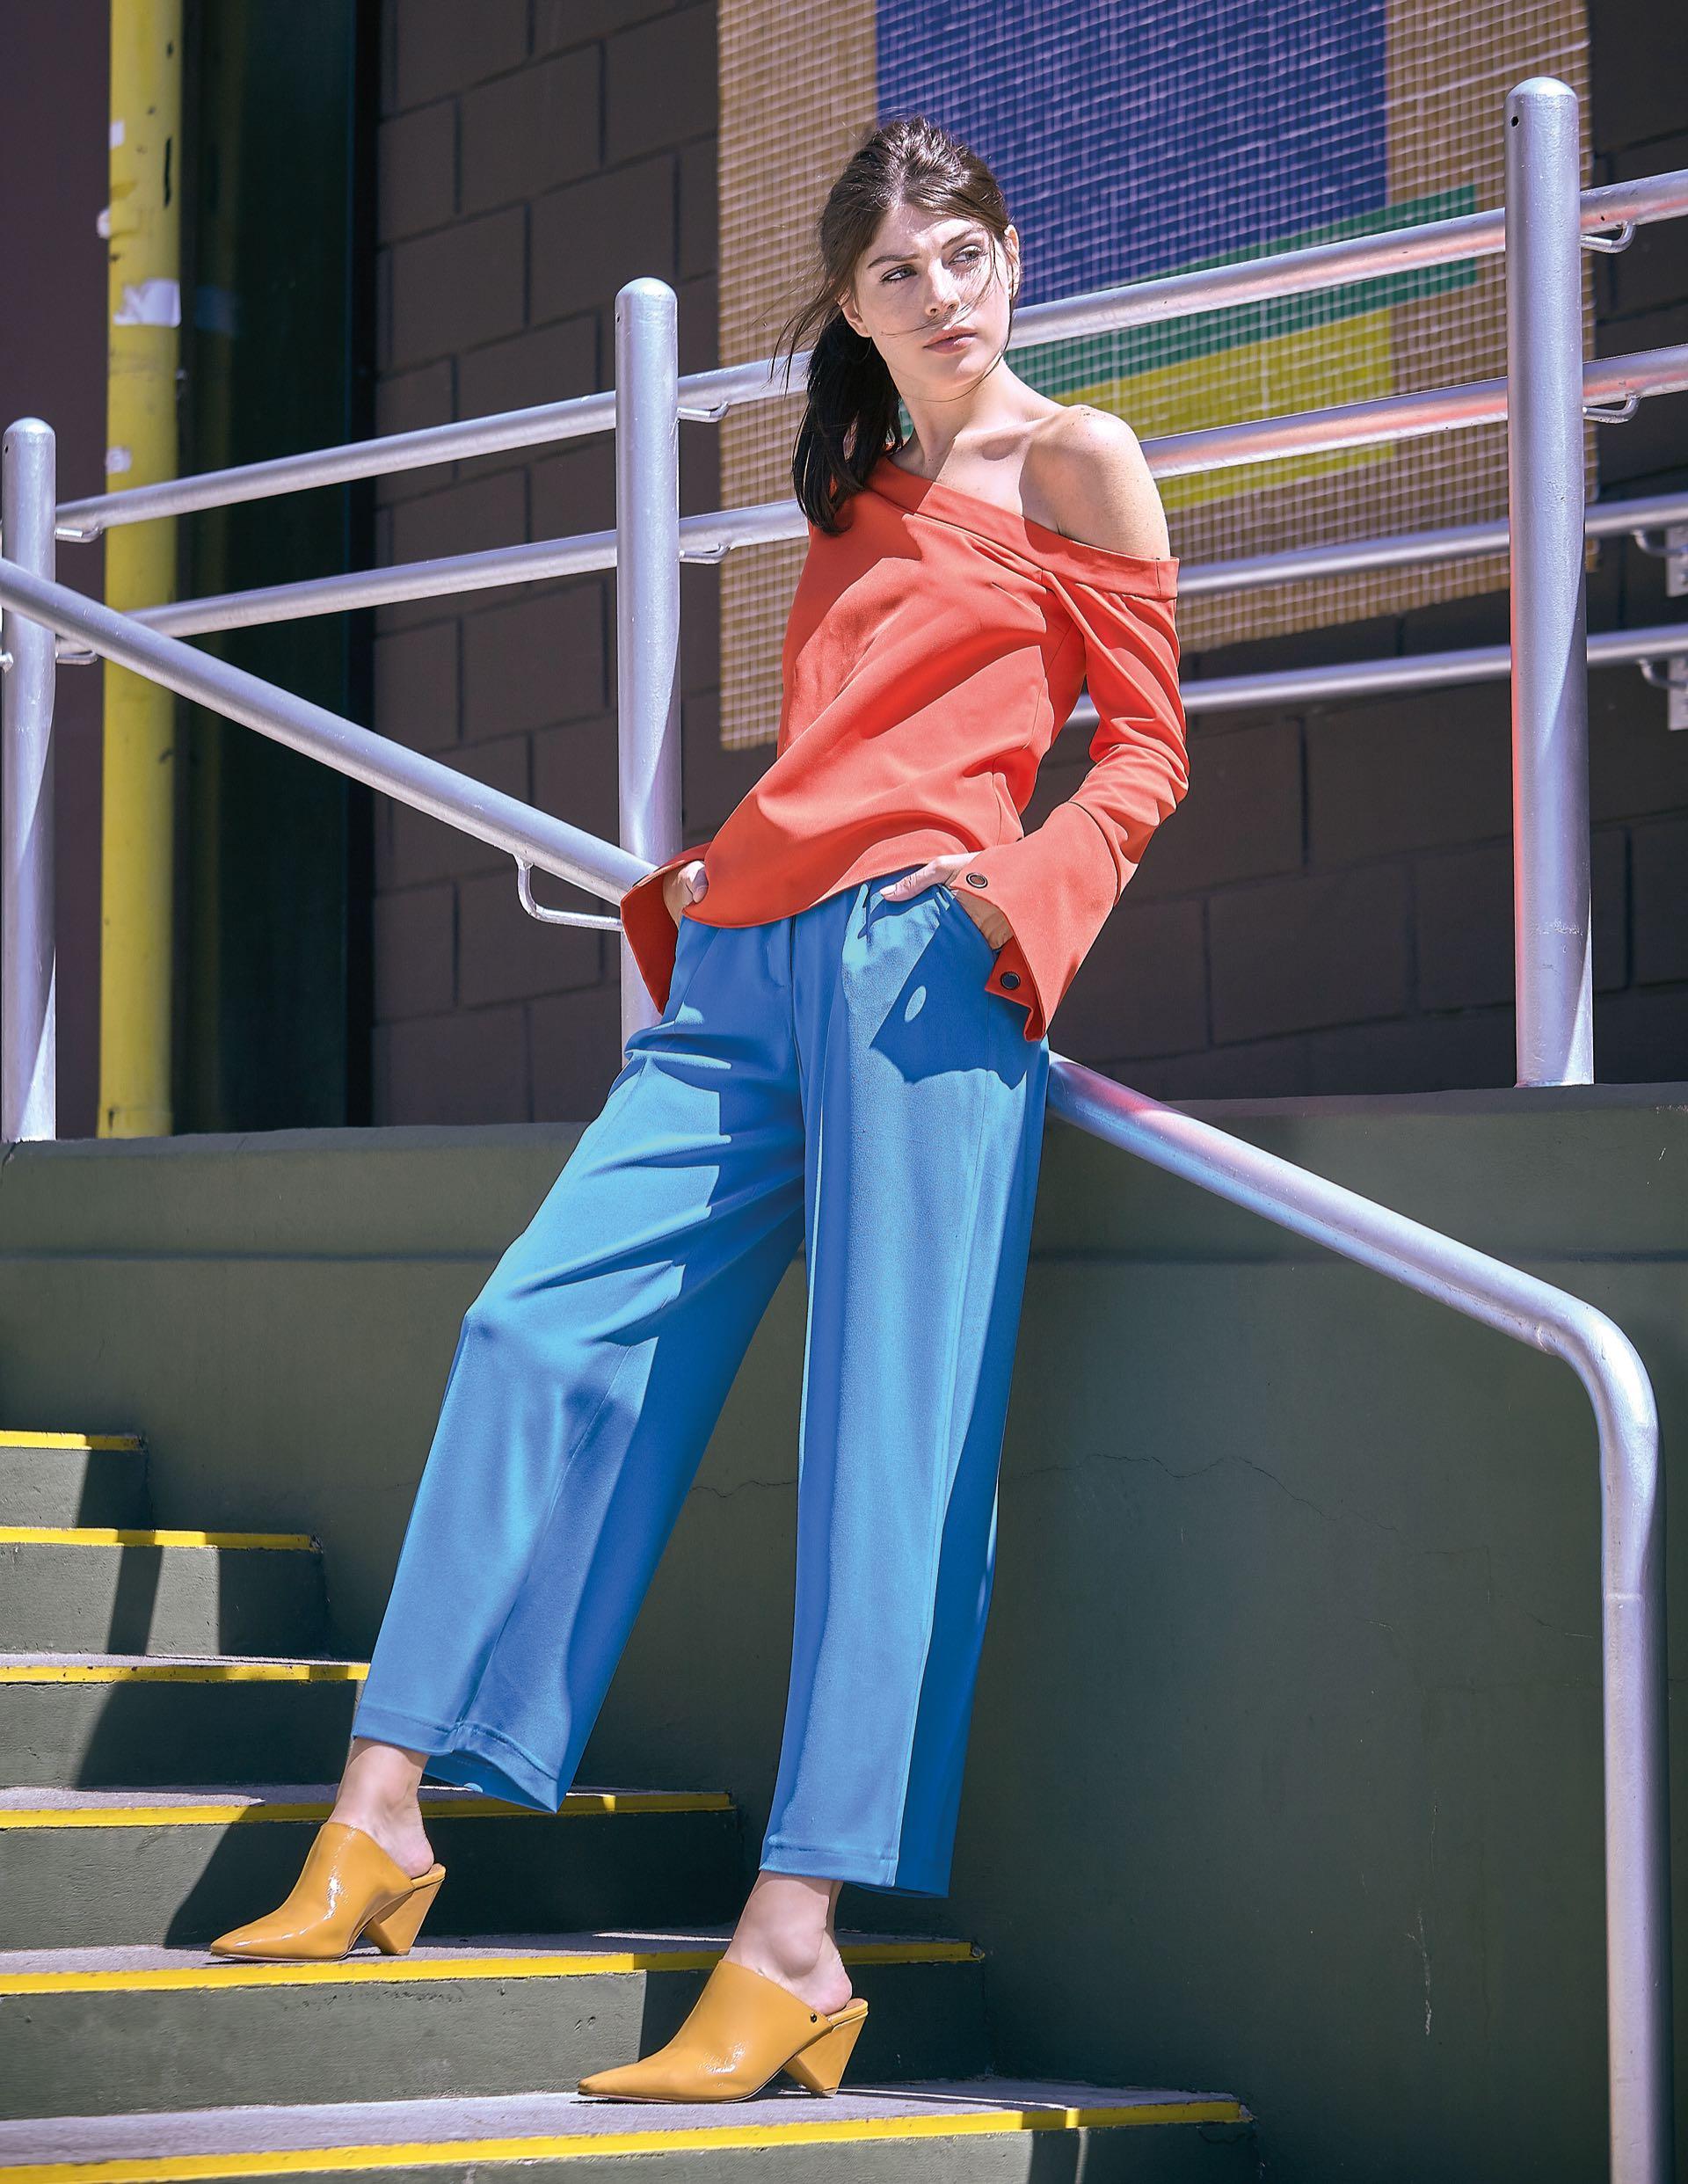 Blusa asimétrica ($ 2.600, Uma), pantalón ancho ($ 2.490, Las pepas) y zuecos de charol ($ 5.400, Uma).